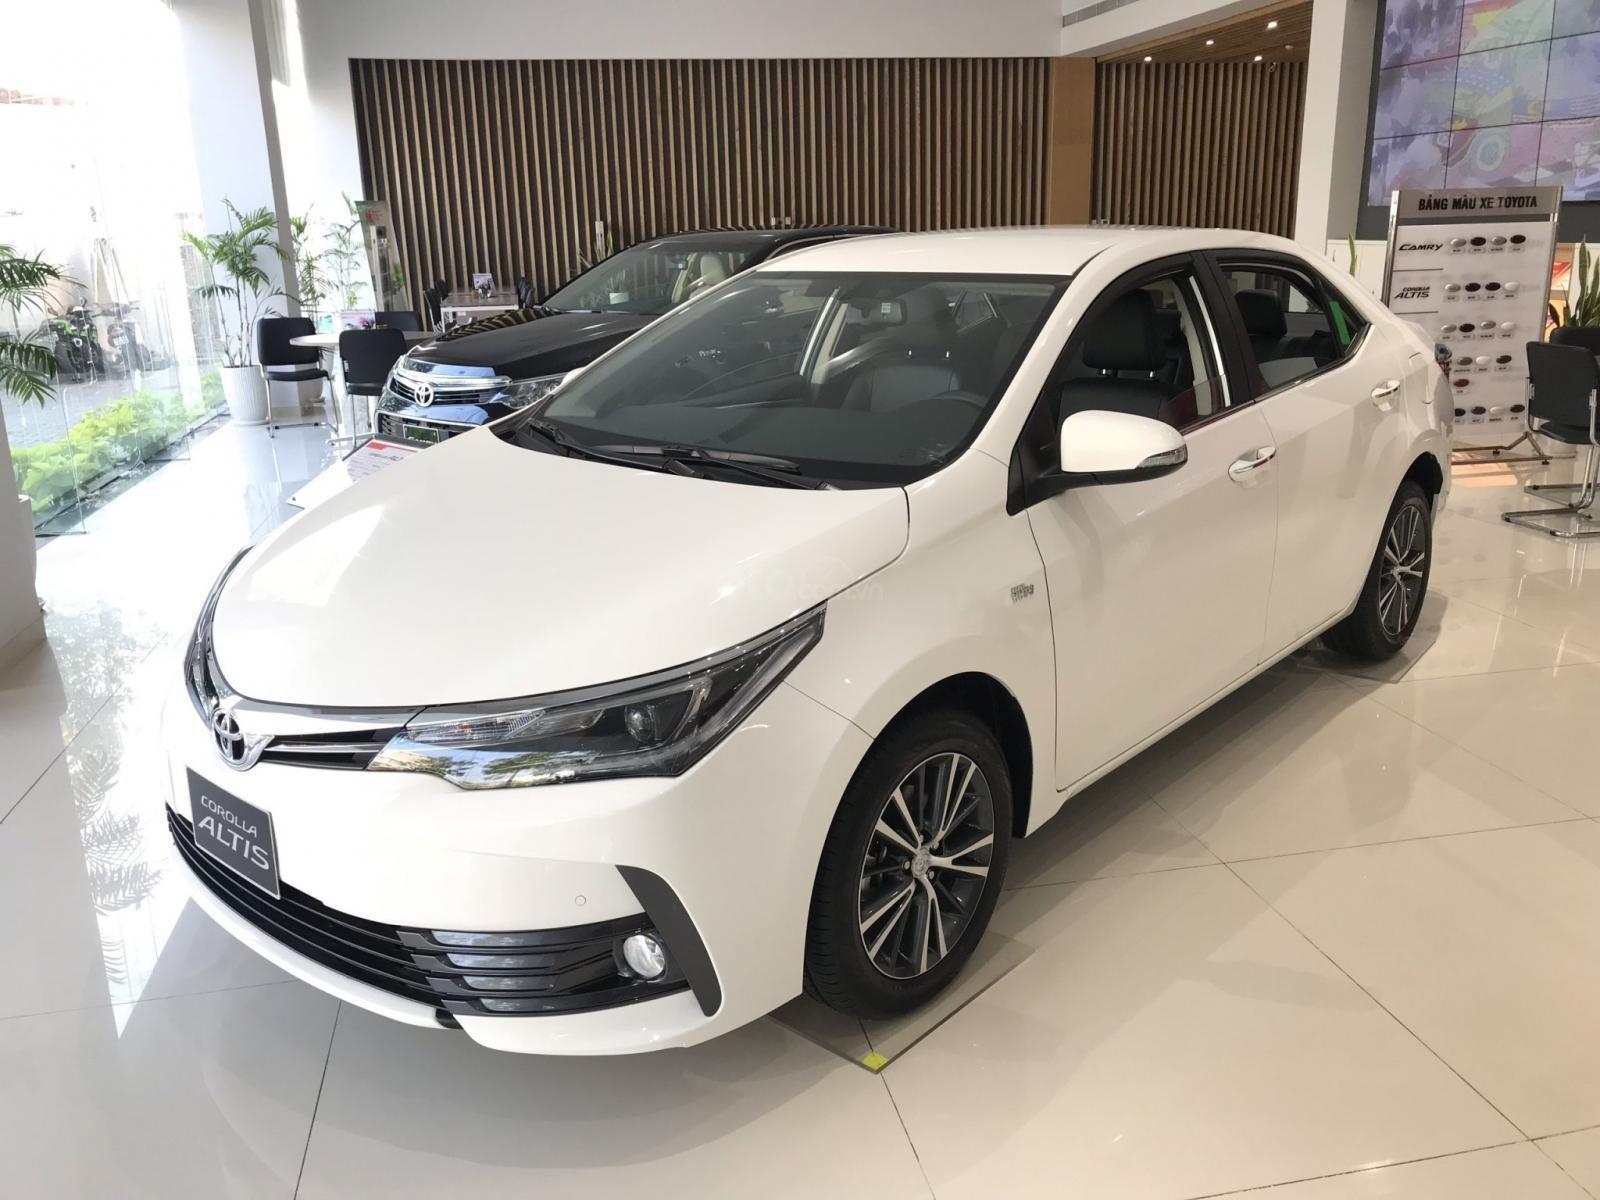 Khuyến mại Toyota tháng 12/2019: Toyota Fortuner ưu đãi cao nhất 100 triệu đồng a3